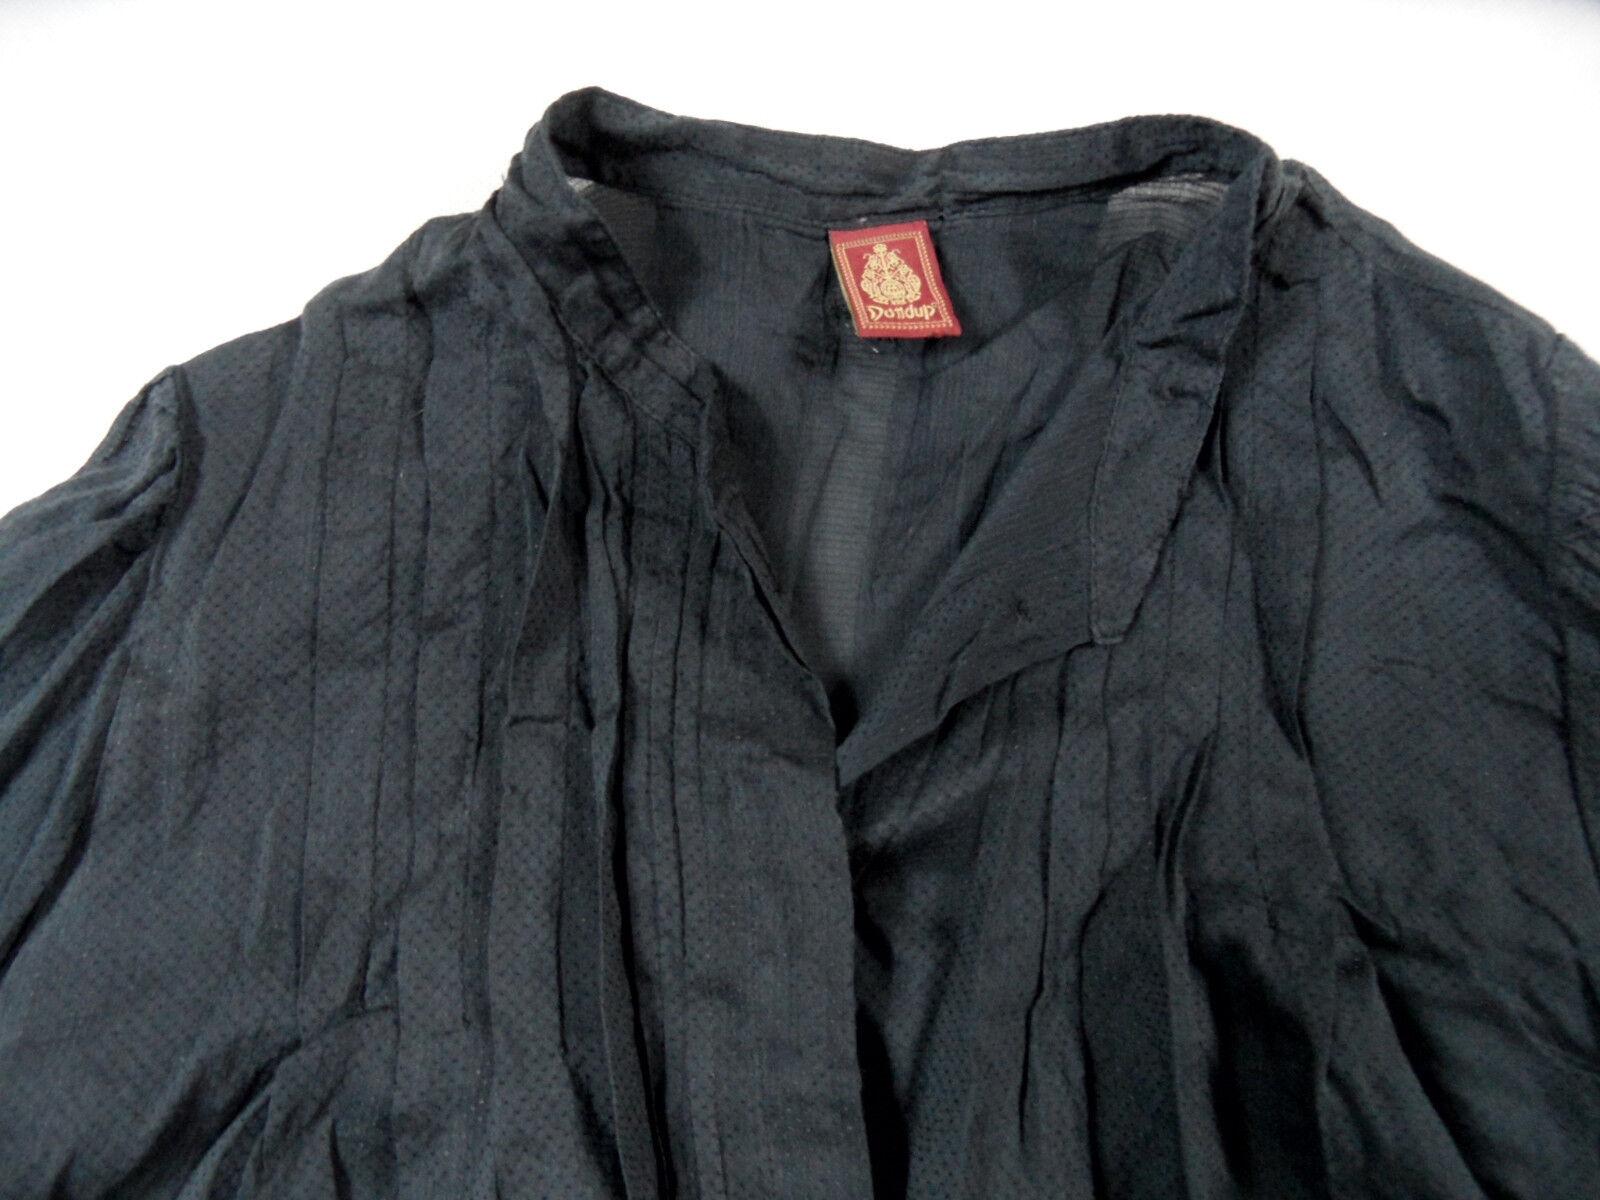 DONDUP bella camicia leggero leggero leggero con seta grigio scuro TG. 40 Top bi1118 028f61